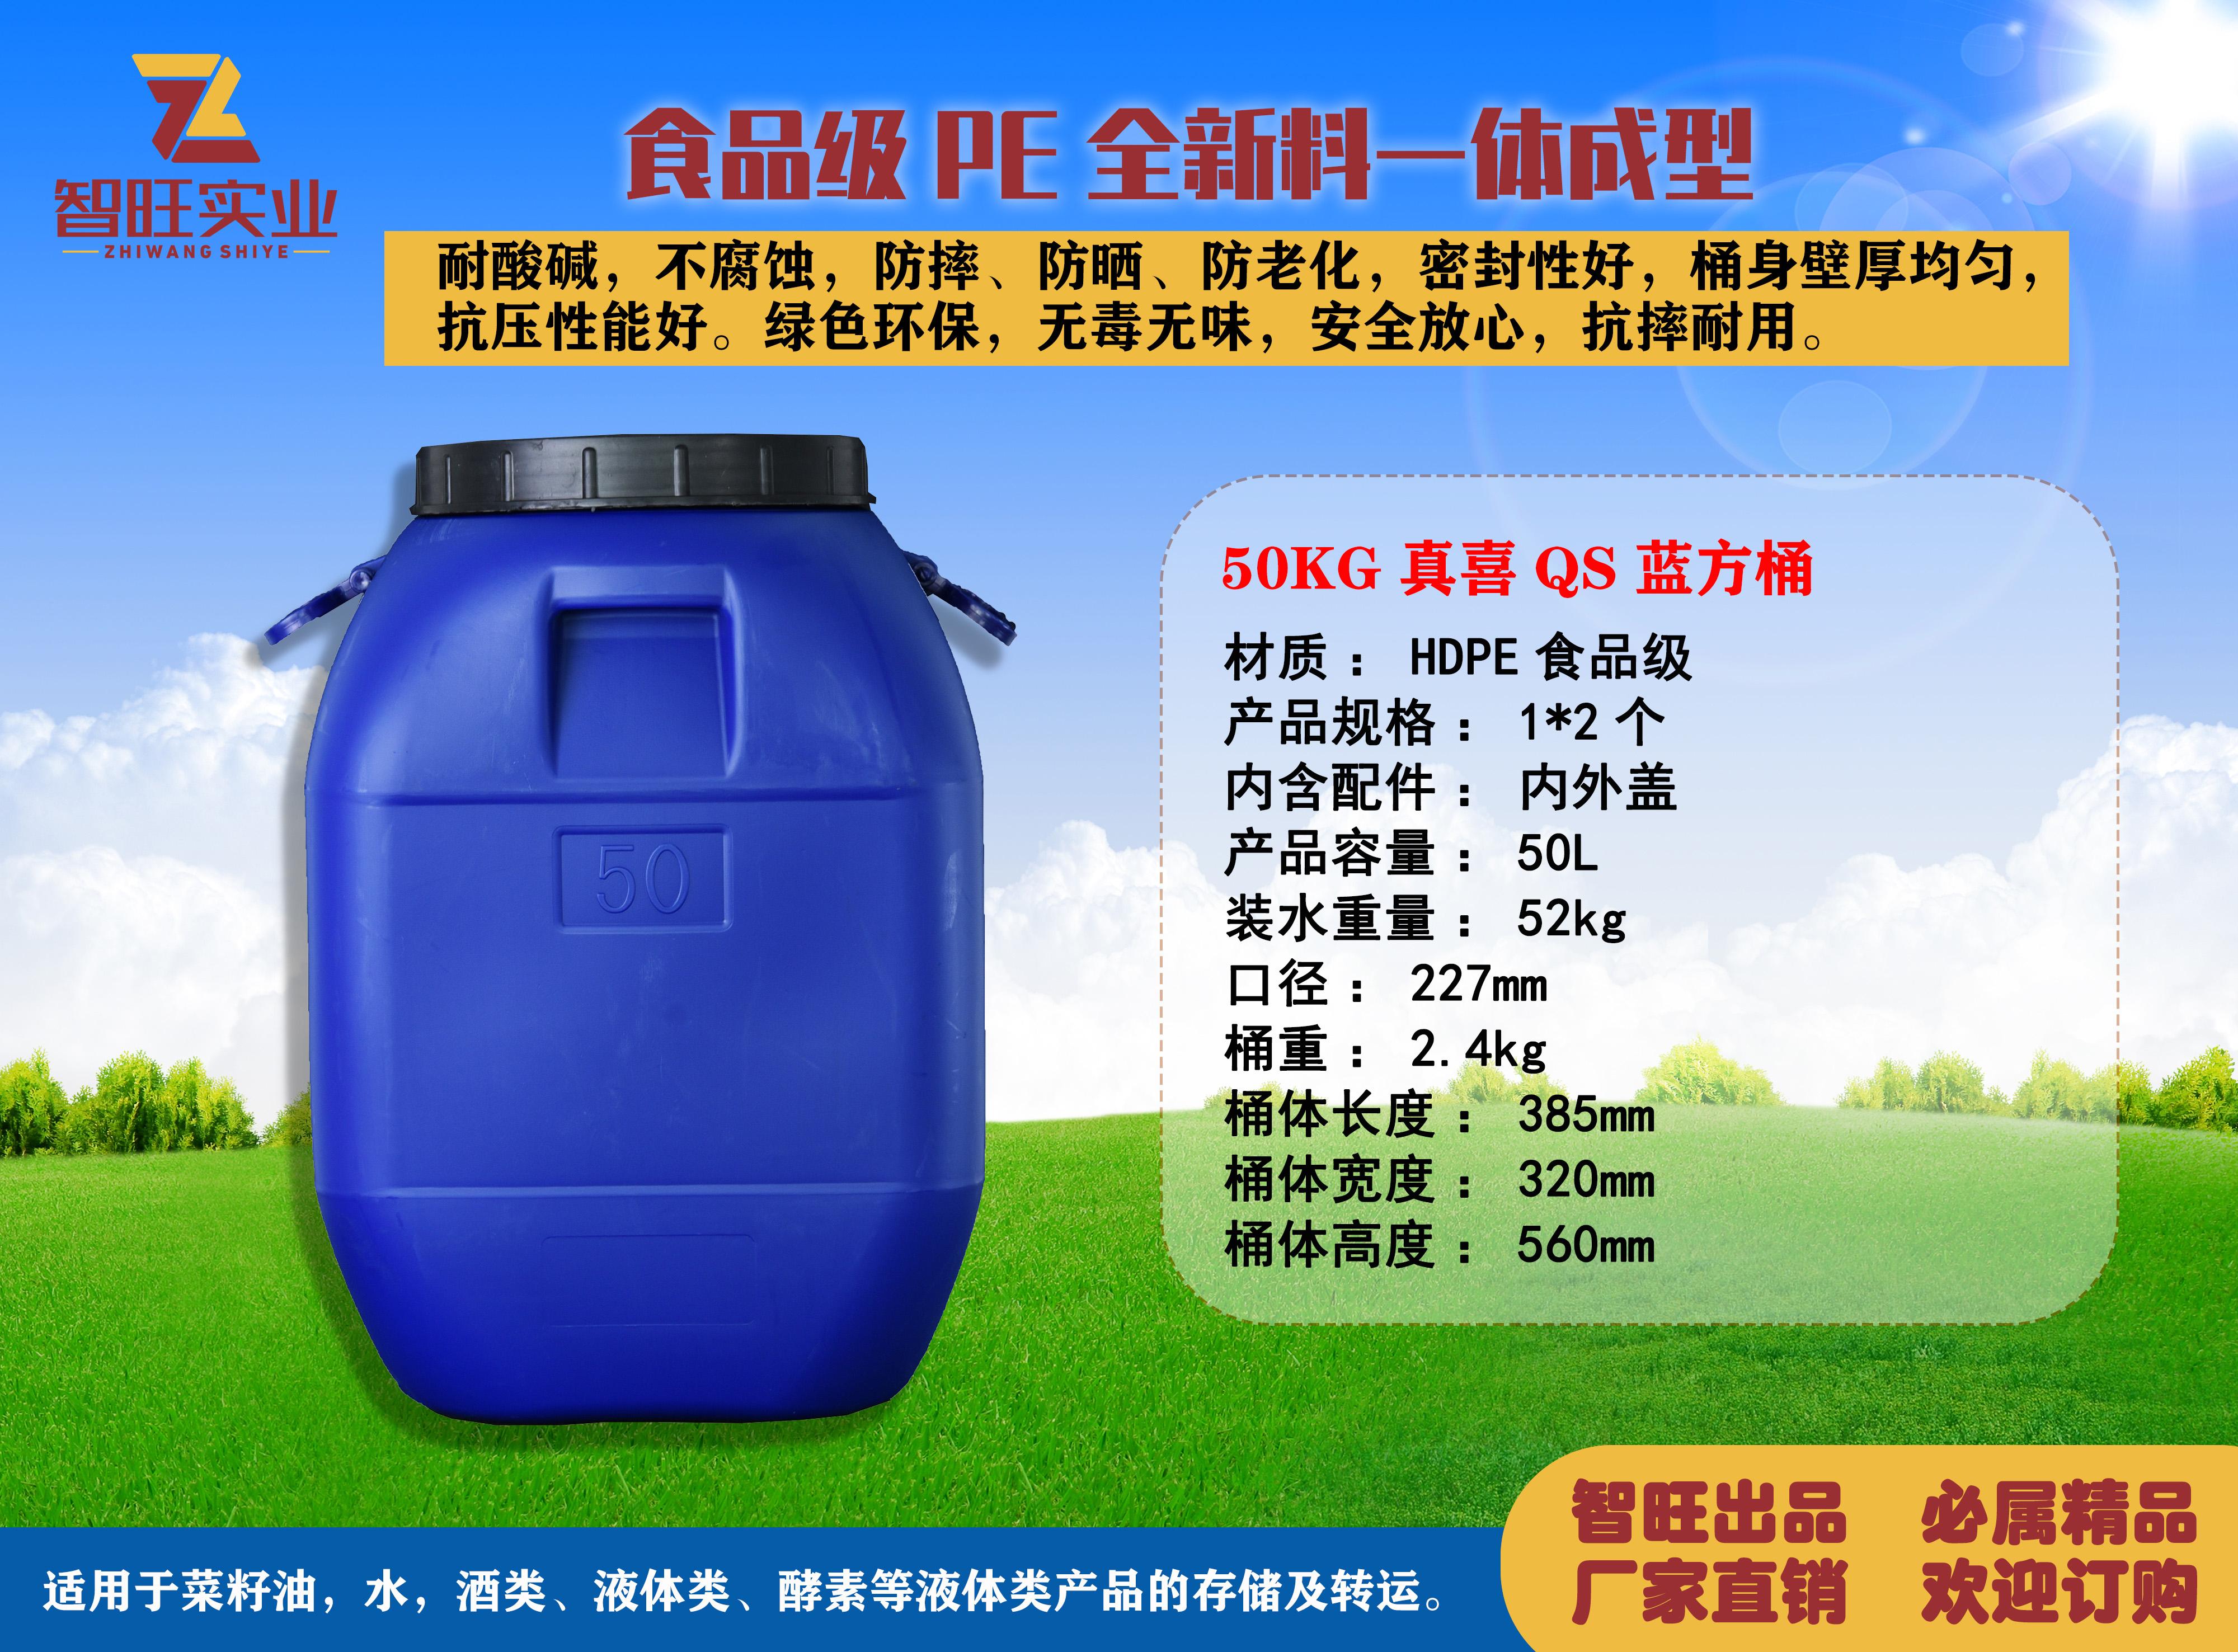 50kg真喜QS藍方桶